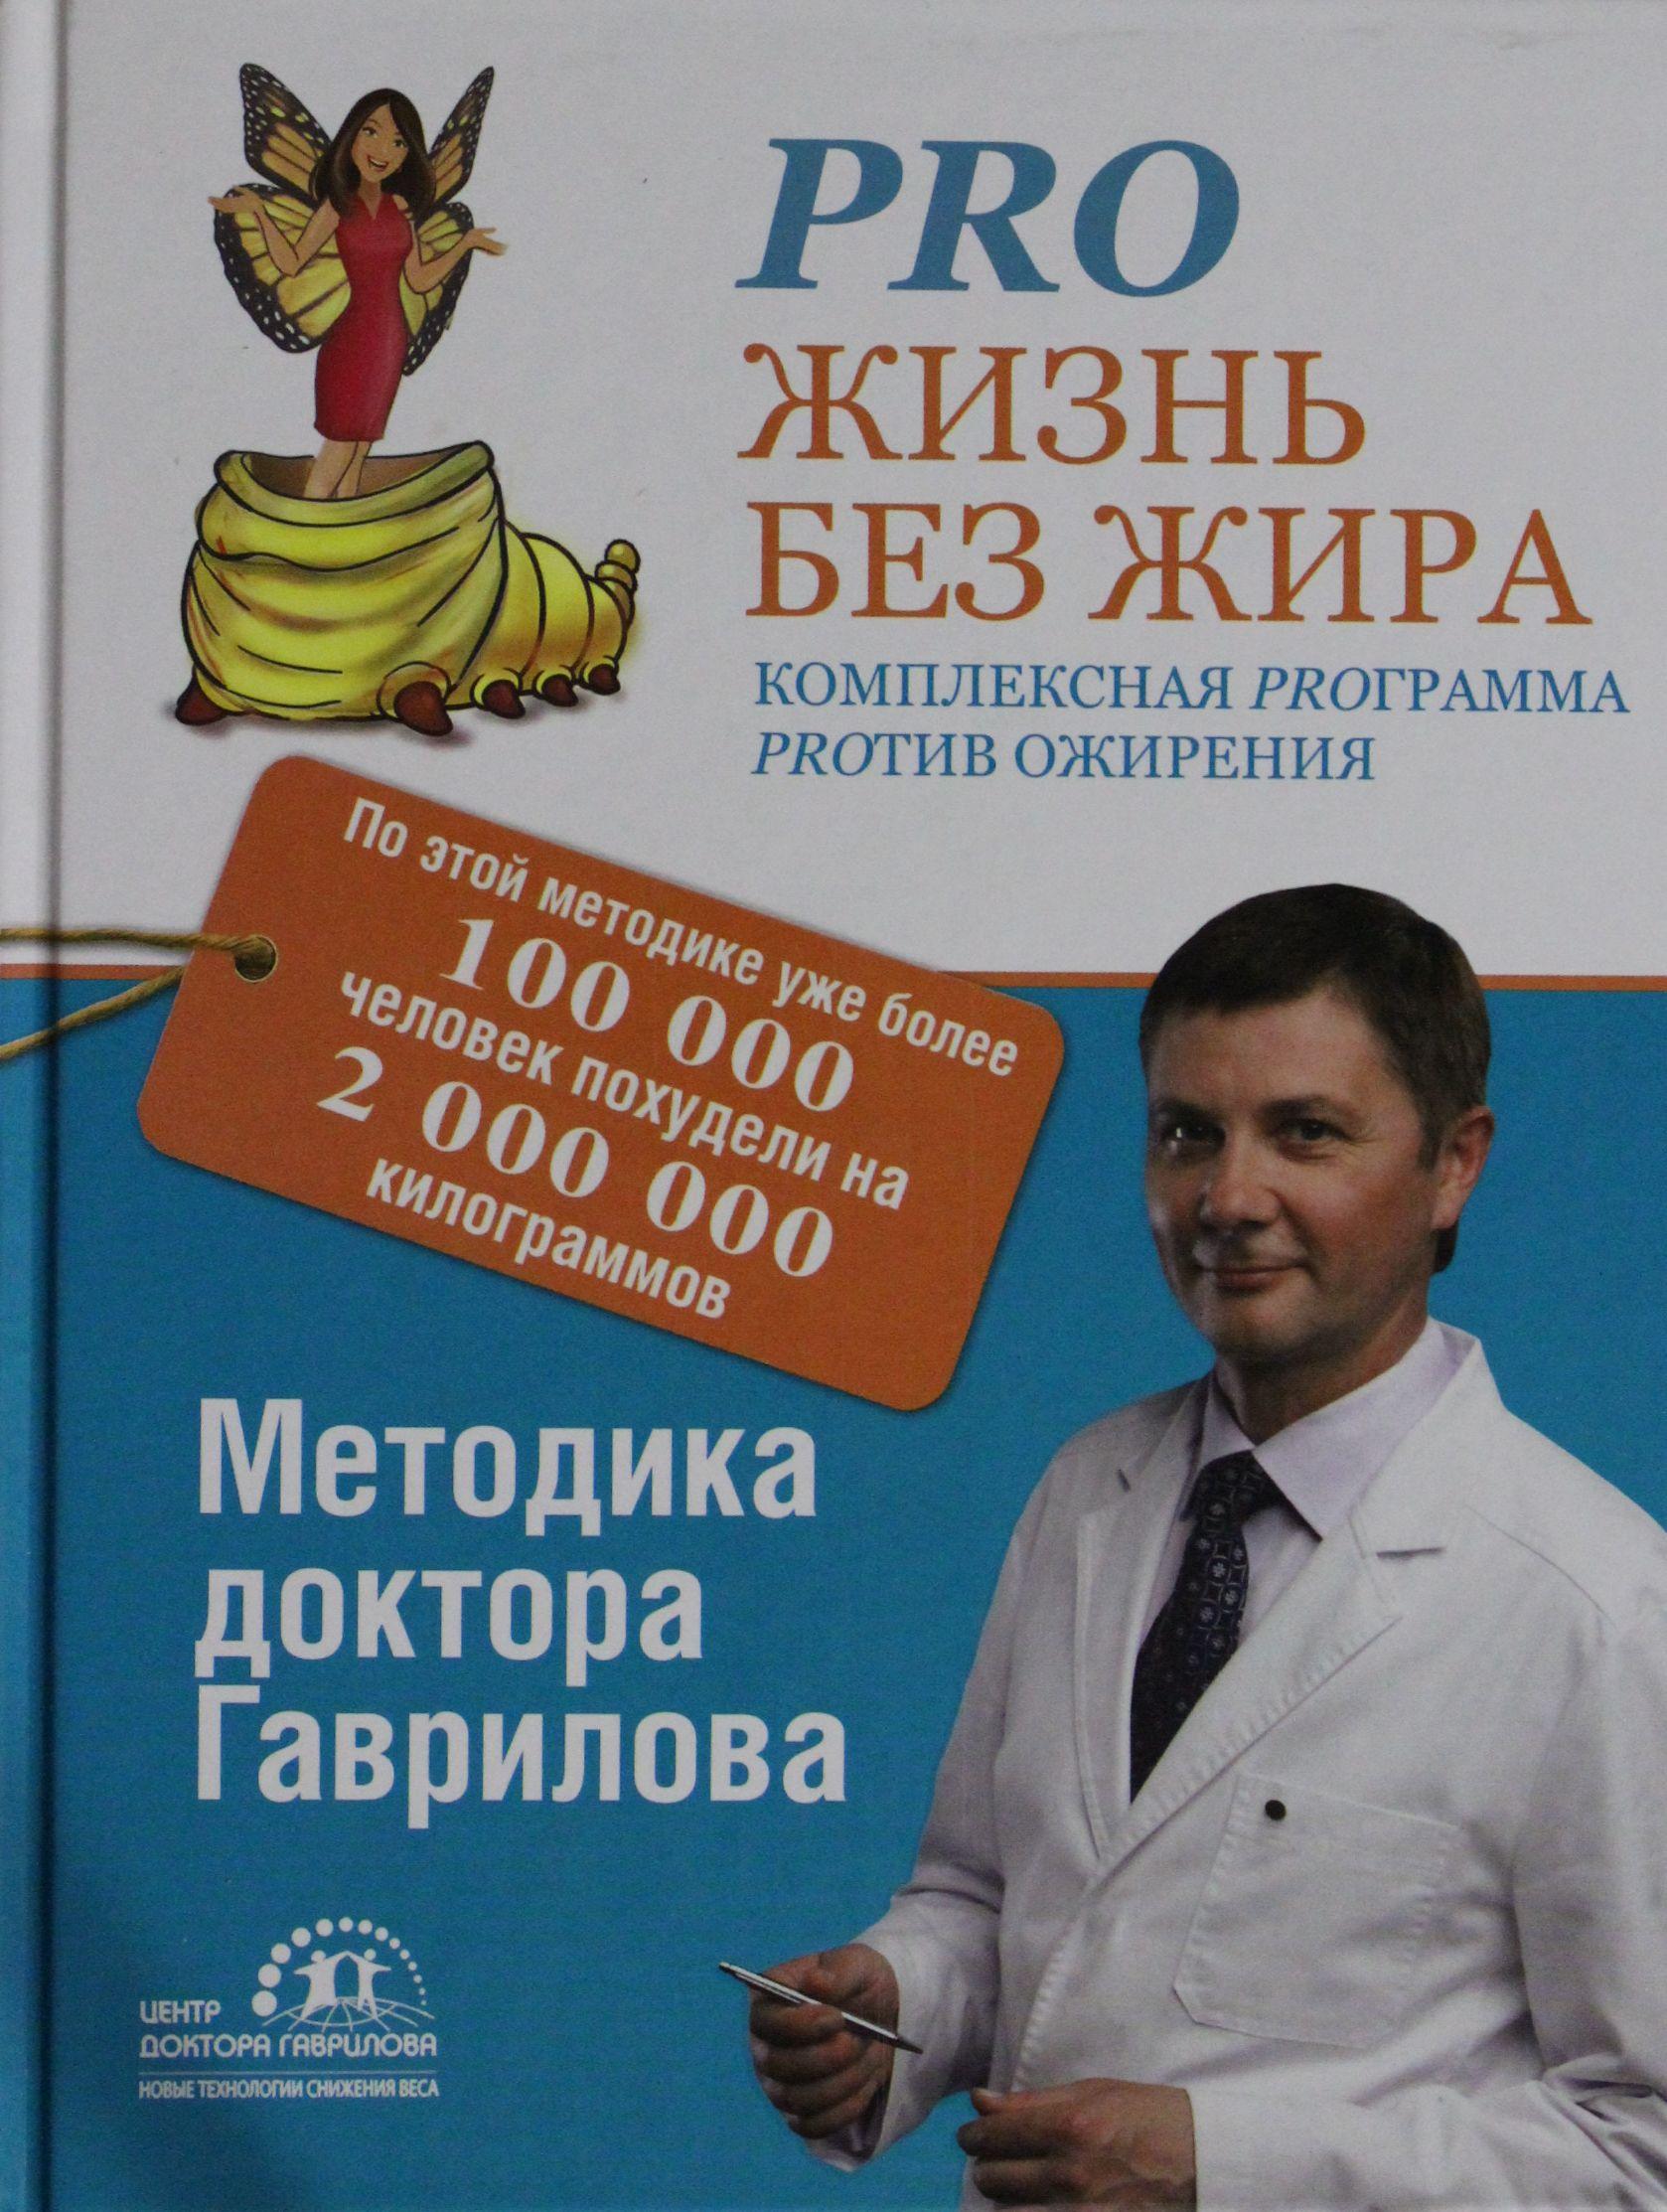 Программа Похудения По Гаврилову. Диета доктора Гаврилова для похудения: меню